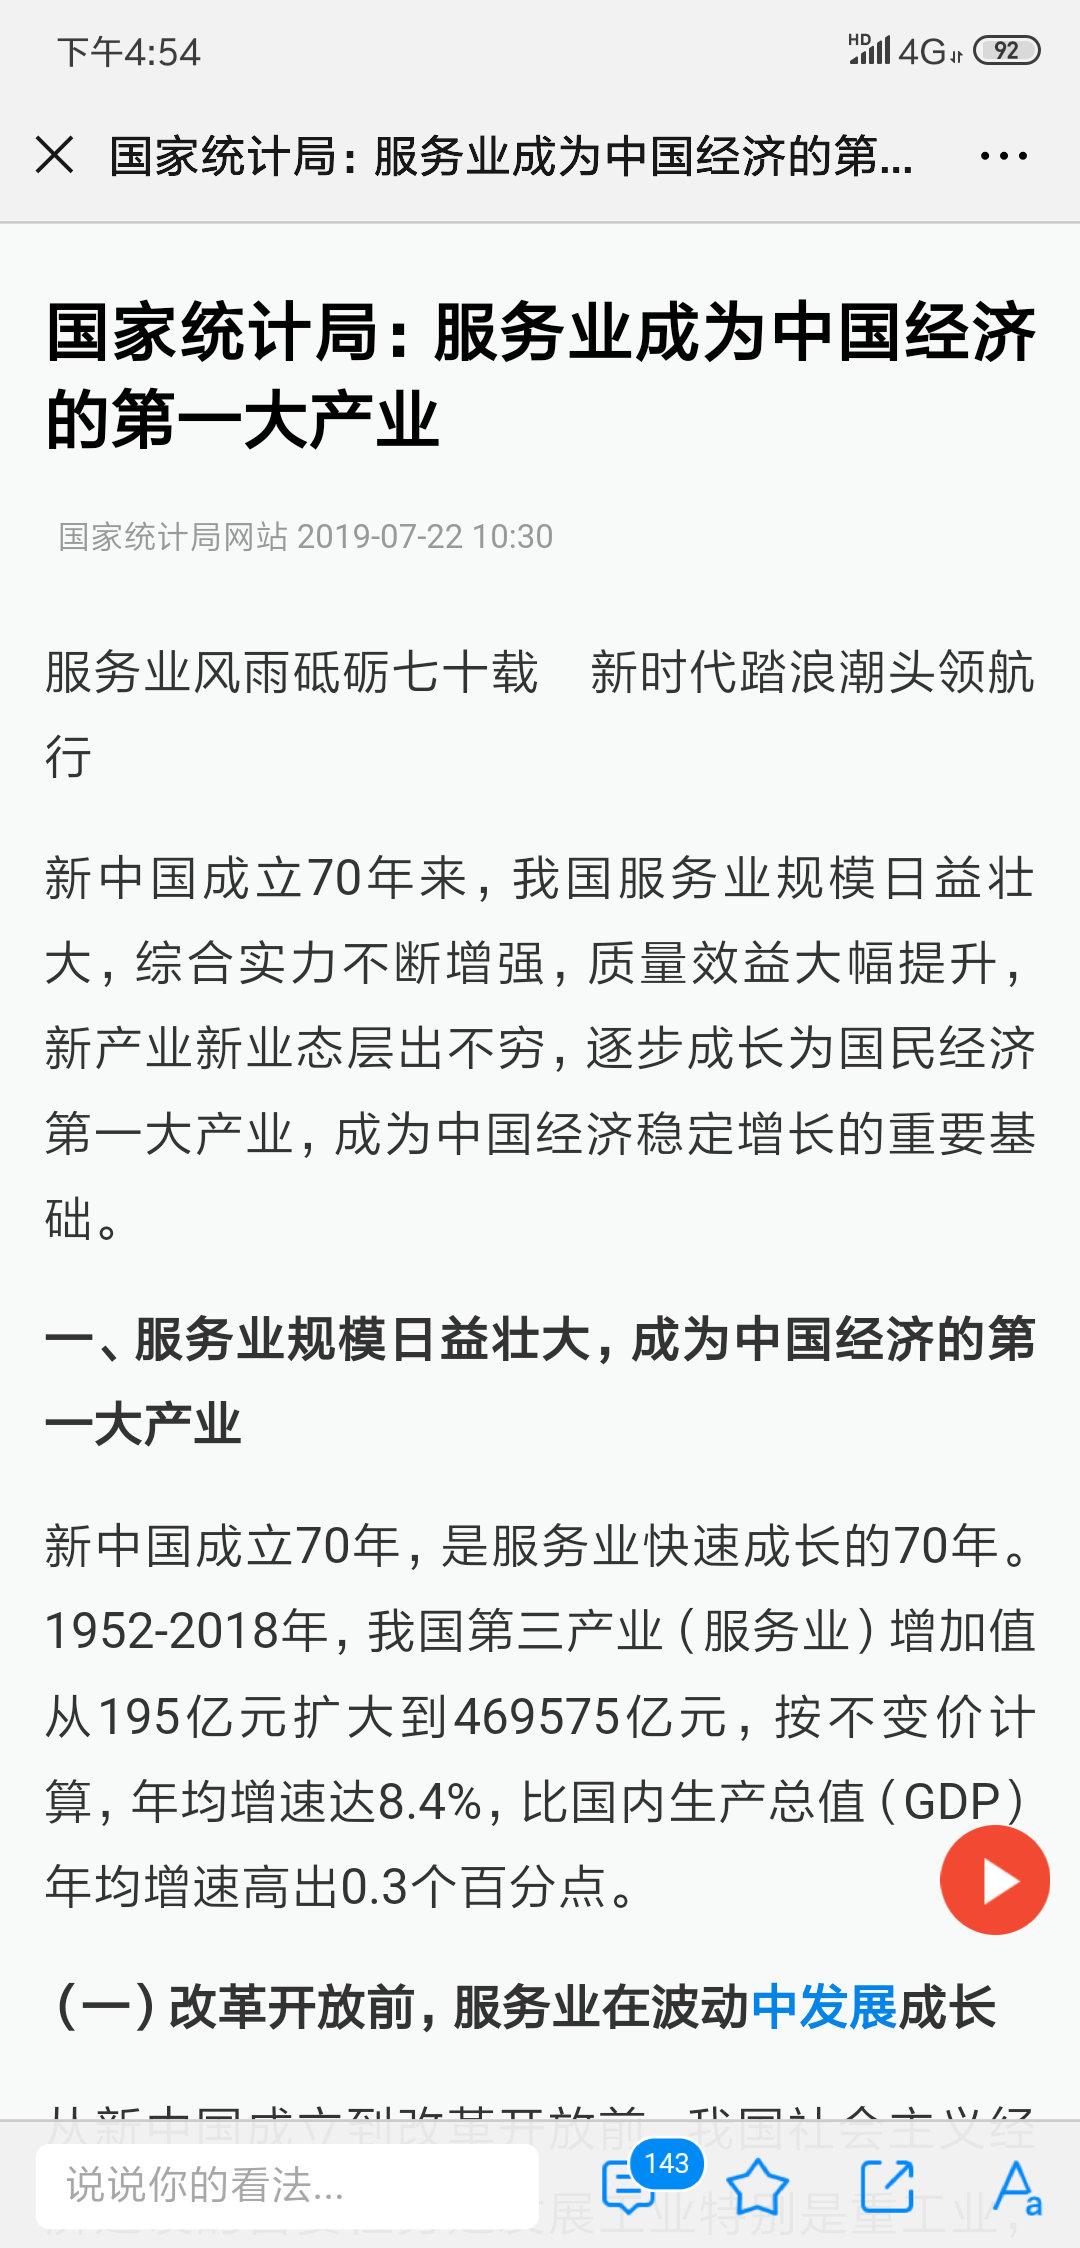 服务业成中国经济第一大产业是怎么回事-服务业成中国经济第一大产业详情介绍